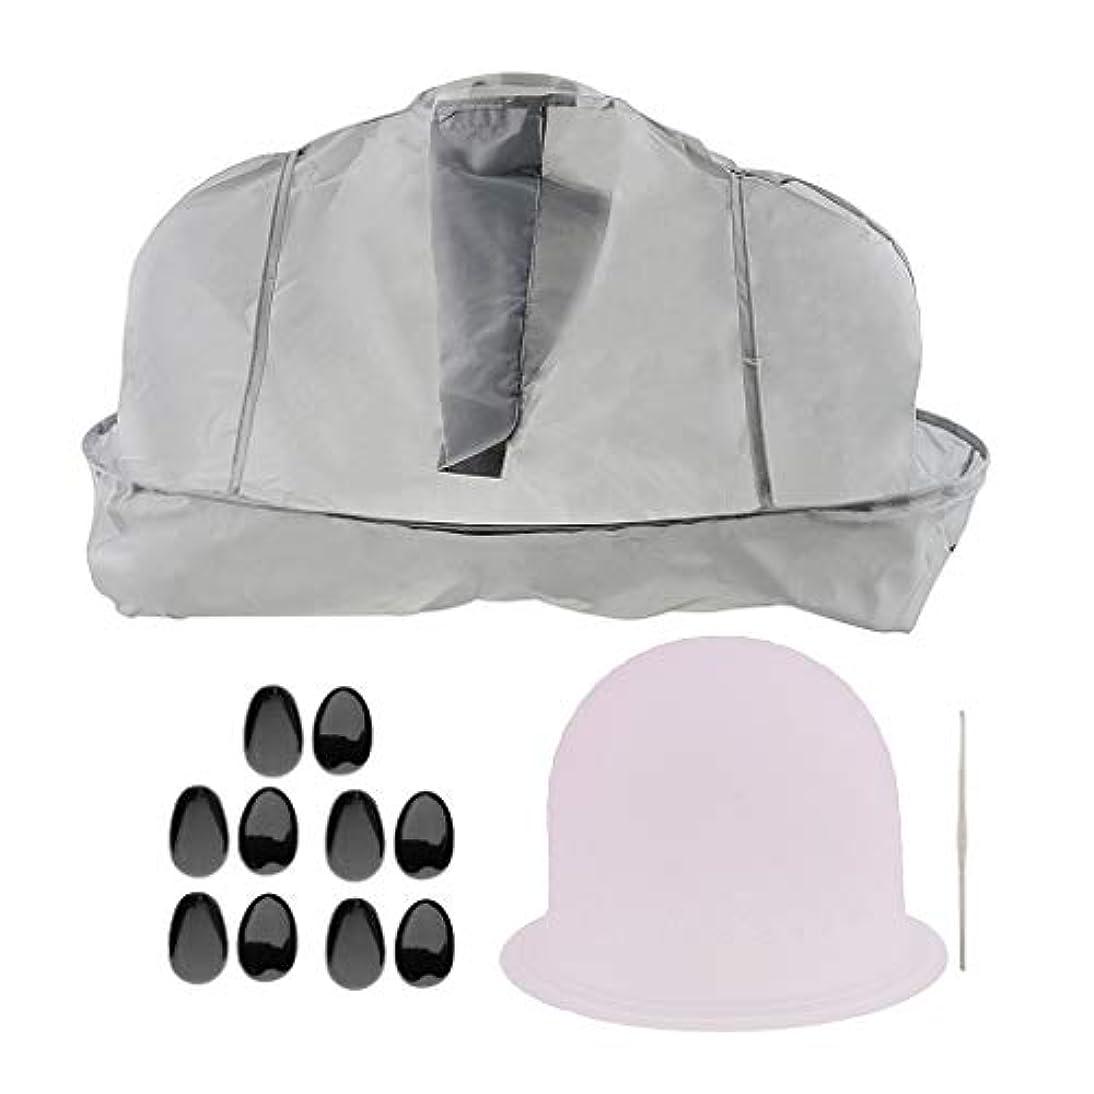 養う可愛いインドF Fityle ヘアティントキャップ メタルフック 美容ケープ 髪染め耳カバー サロン